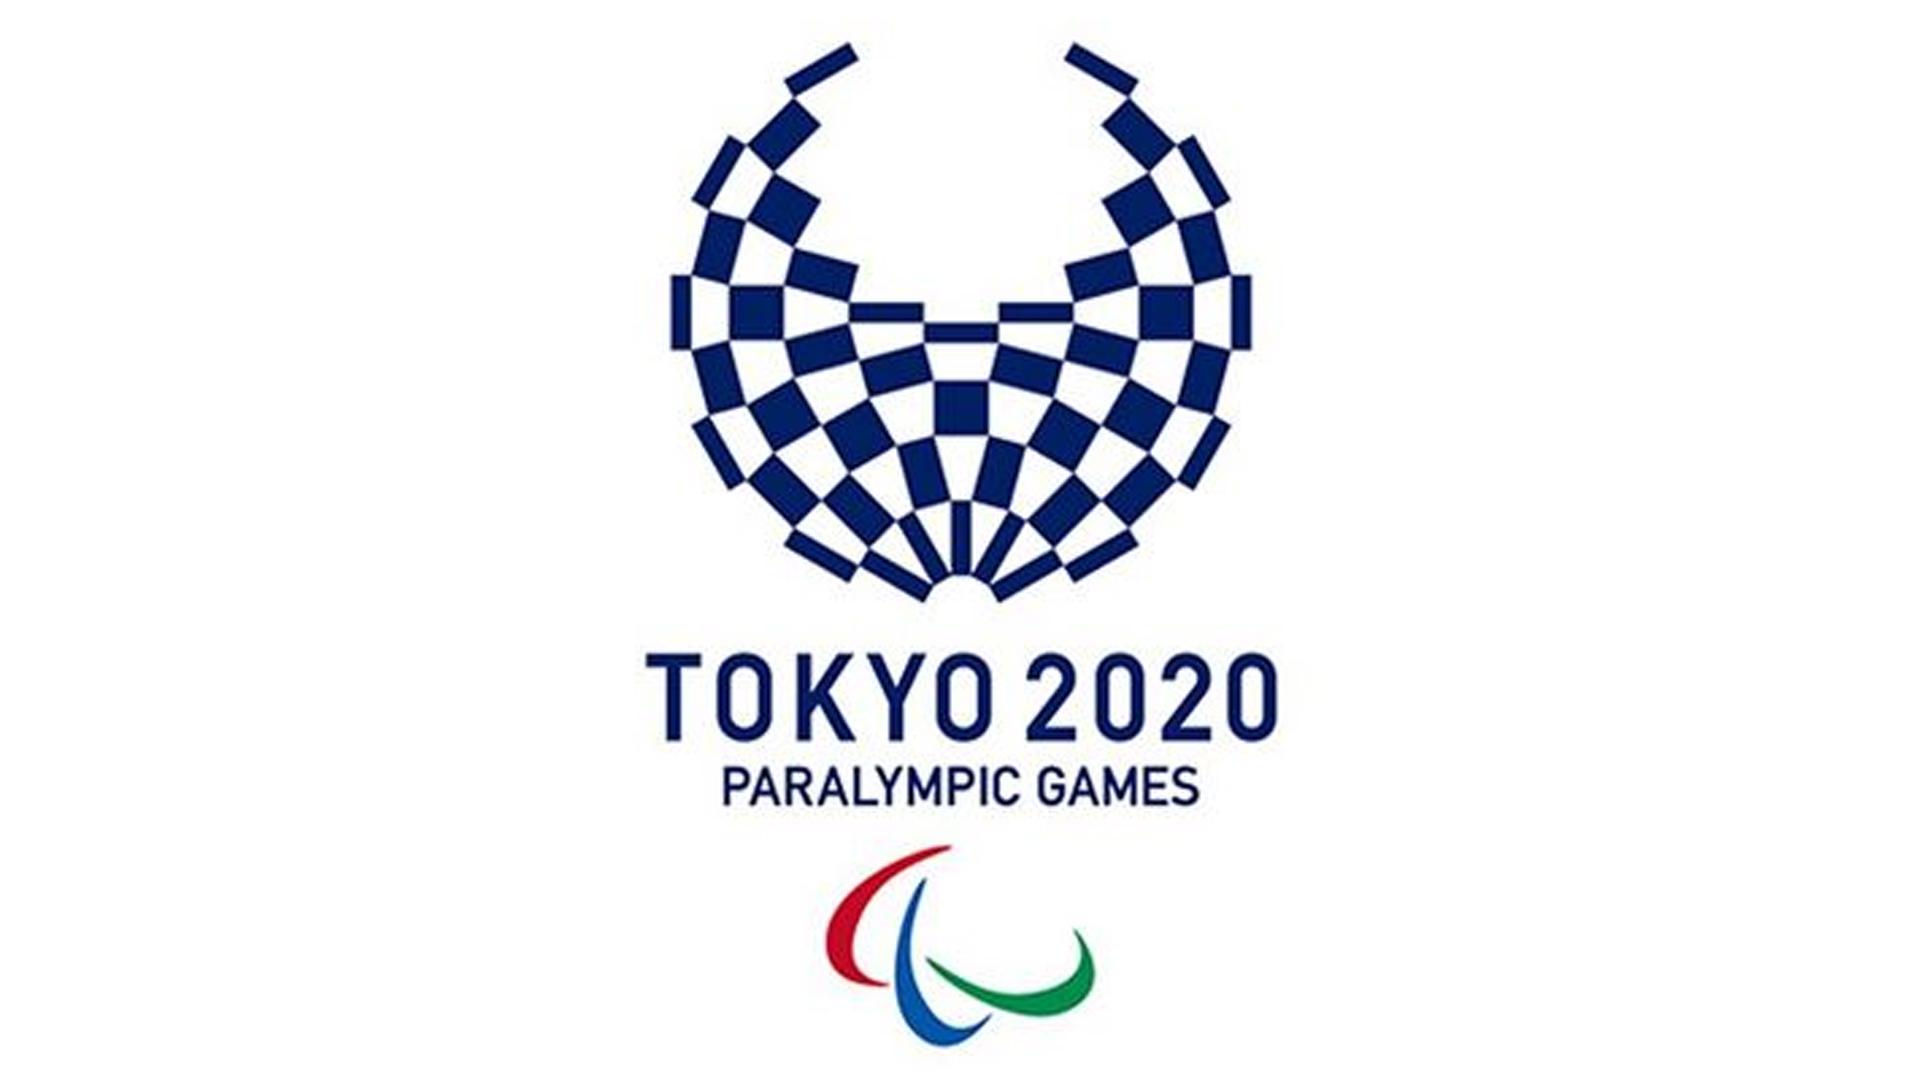 simbolo dos jogos paralímpicos